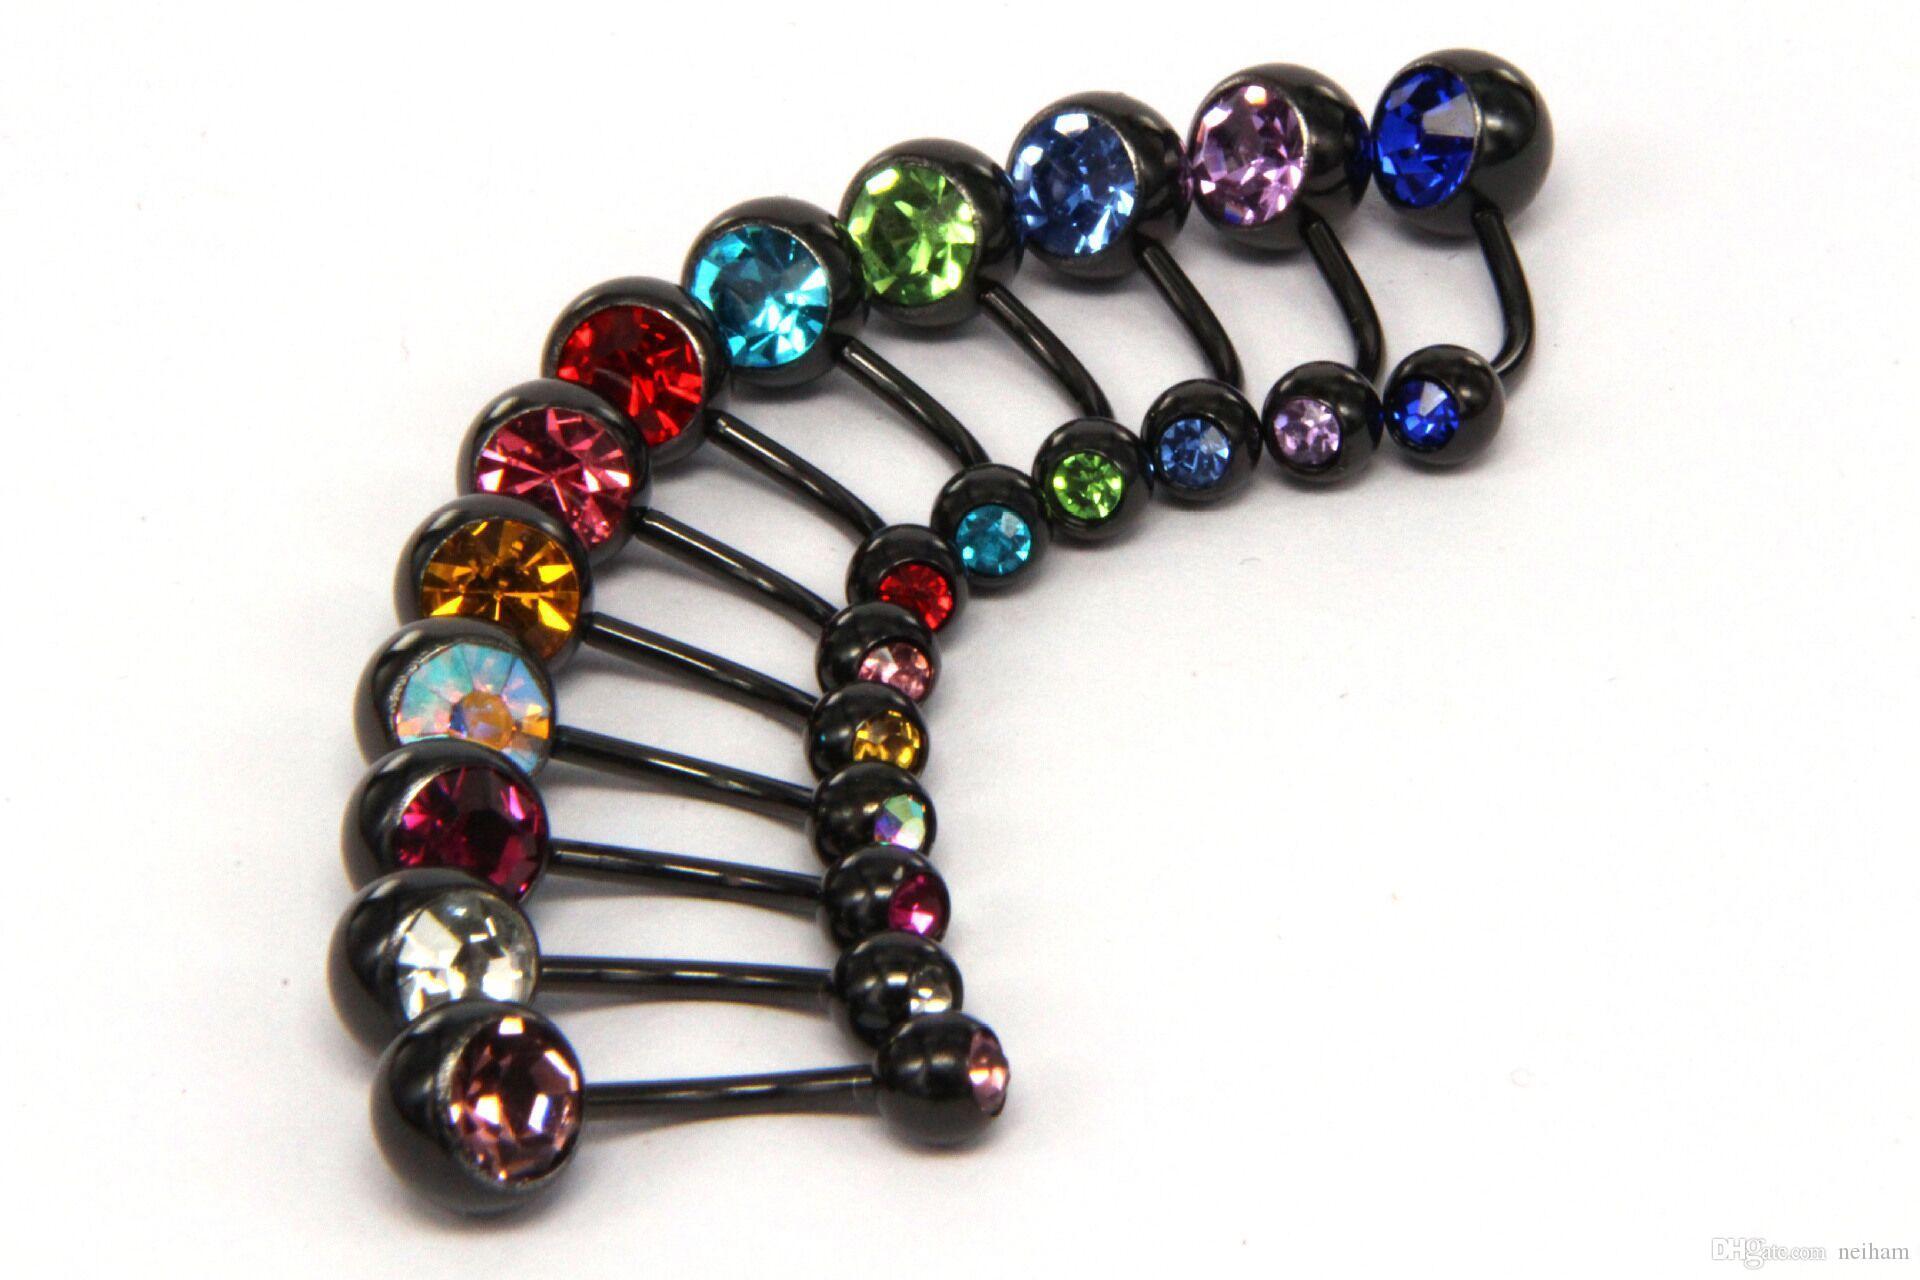 anillo de ombligo colores de la mezcla Anodizado negro joyería piercing del cuerpo de acero inoxidable joya doble ombligo anillo del vientre